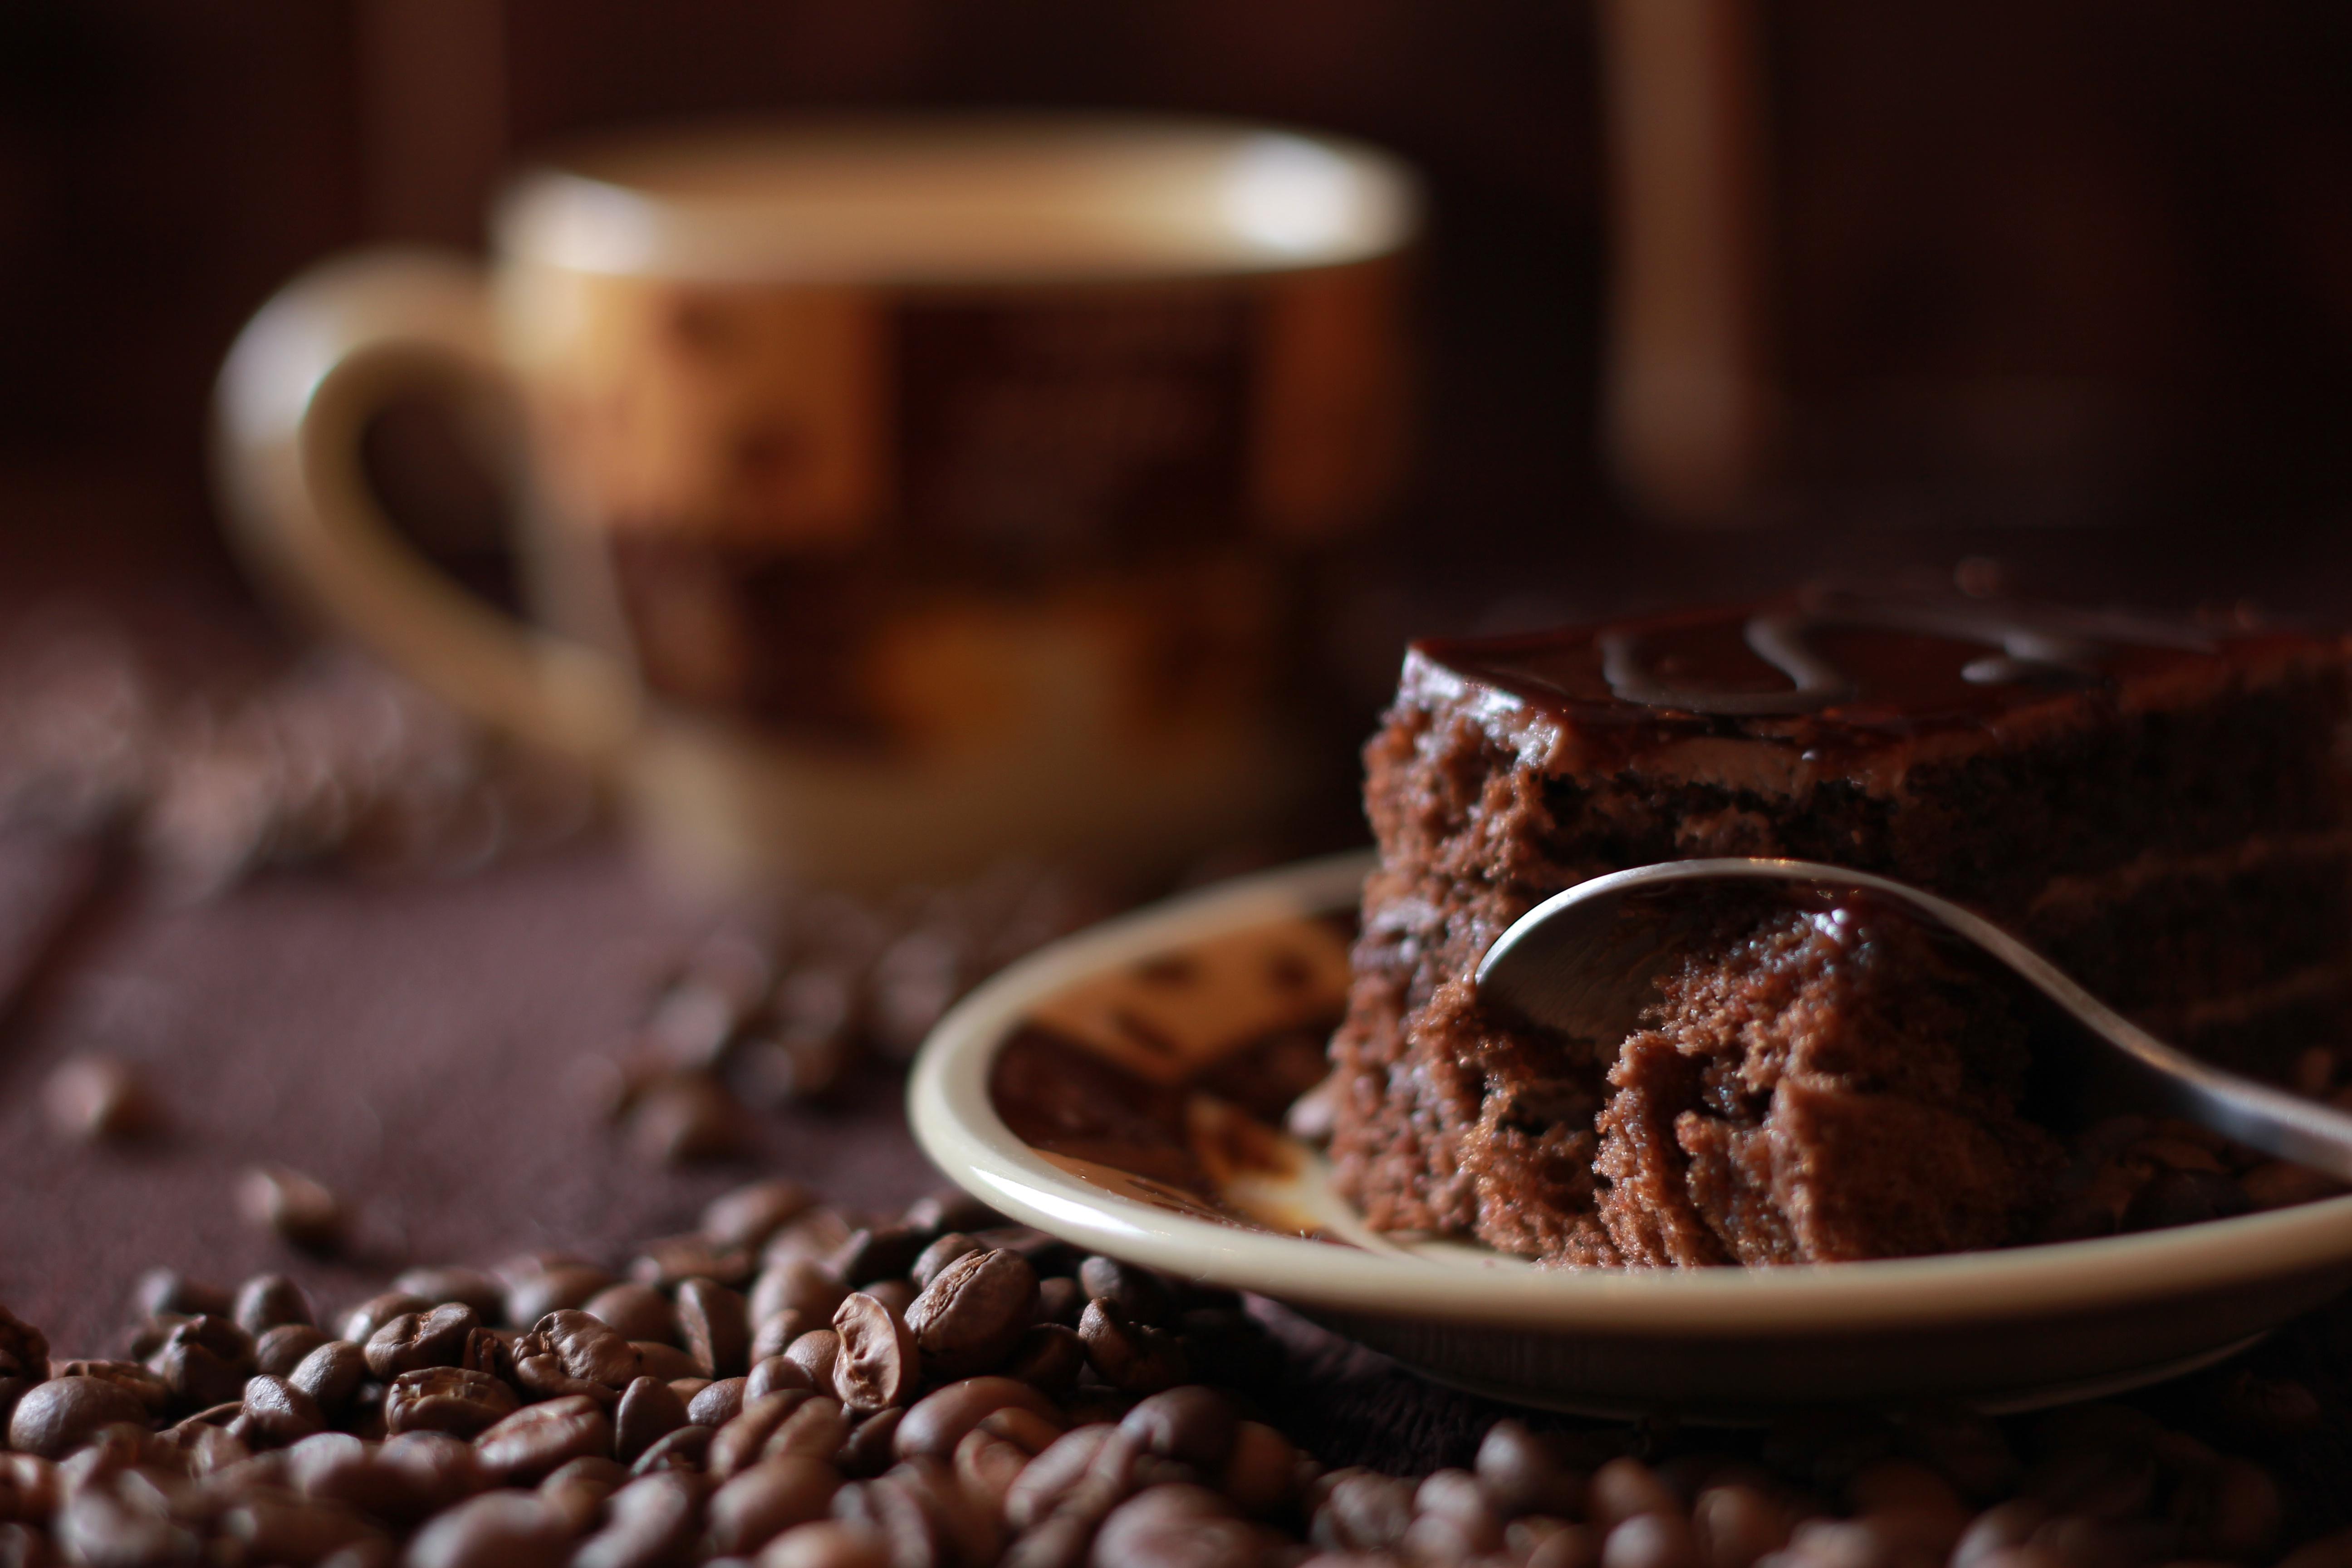 потом картинки кофе и шоколад по французски красивые полоцке находится